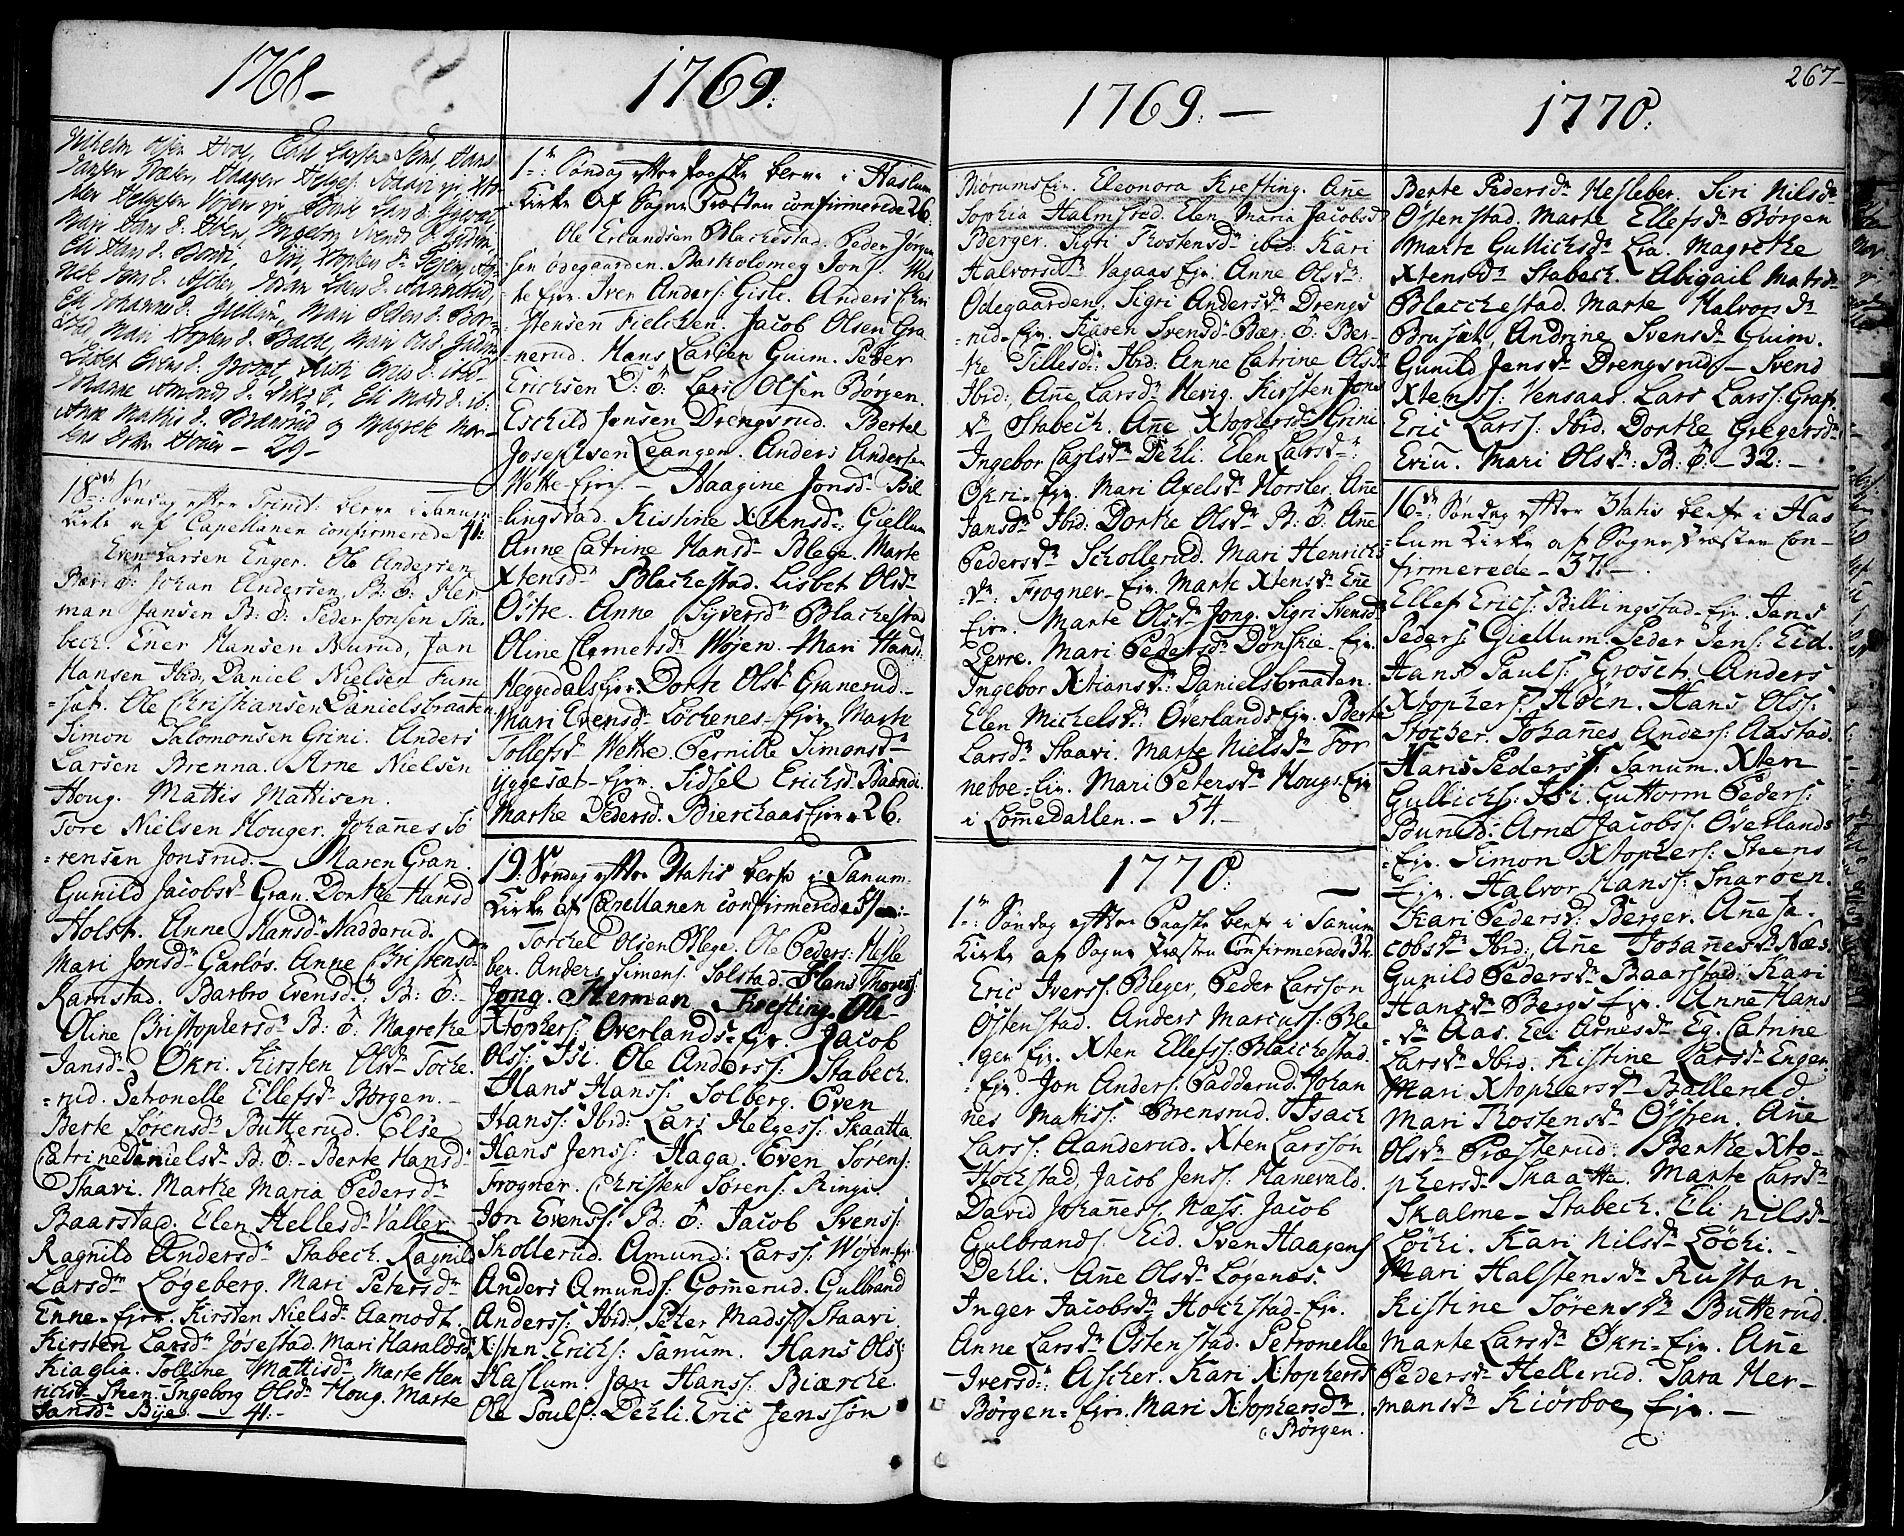 SAO, Asker prestekontor Kirkebøker, F/Fa/L0003: Ministerialbok nr. I 3, 1767-1807, s. 267